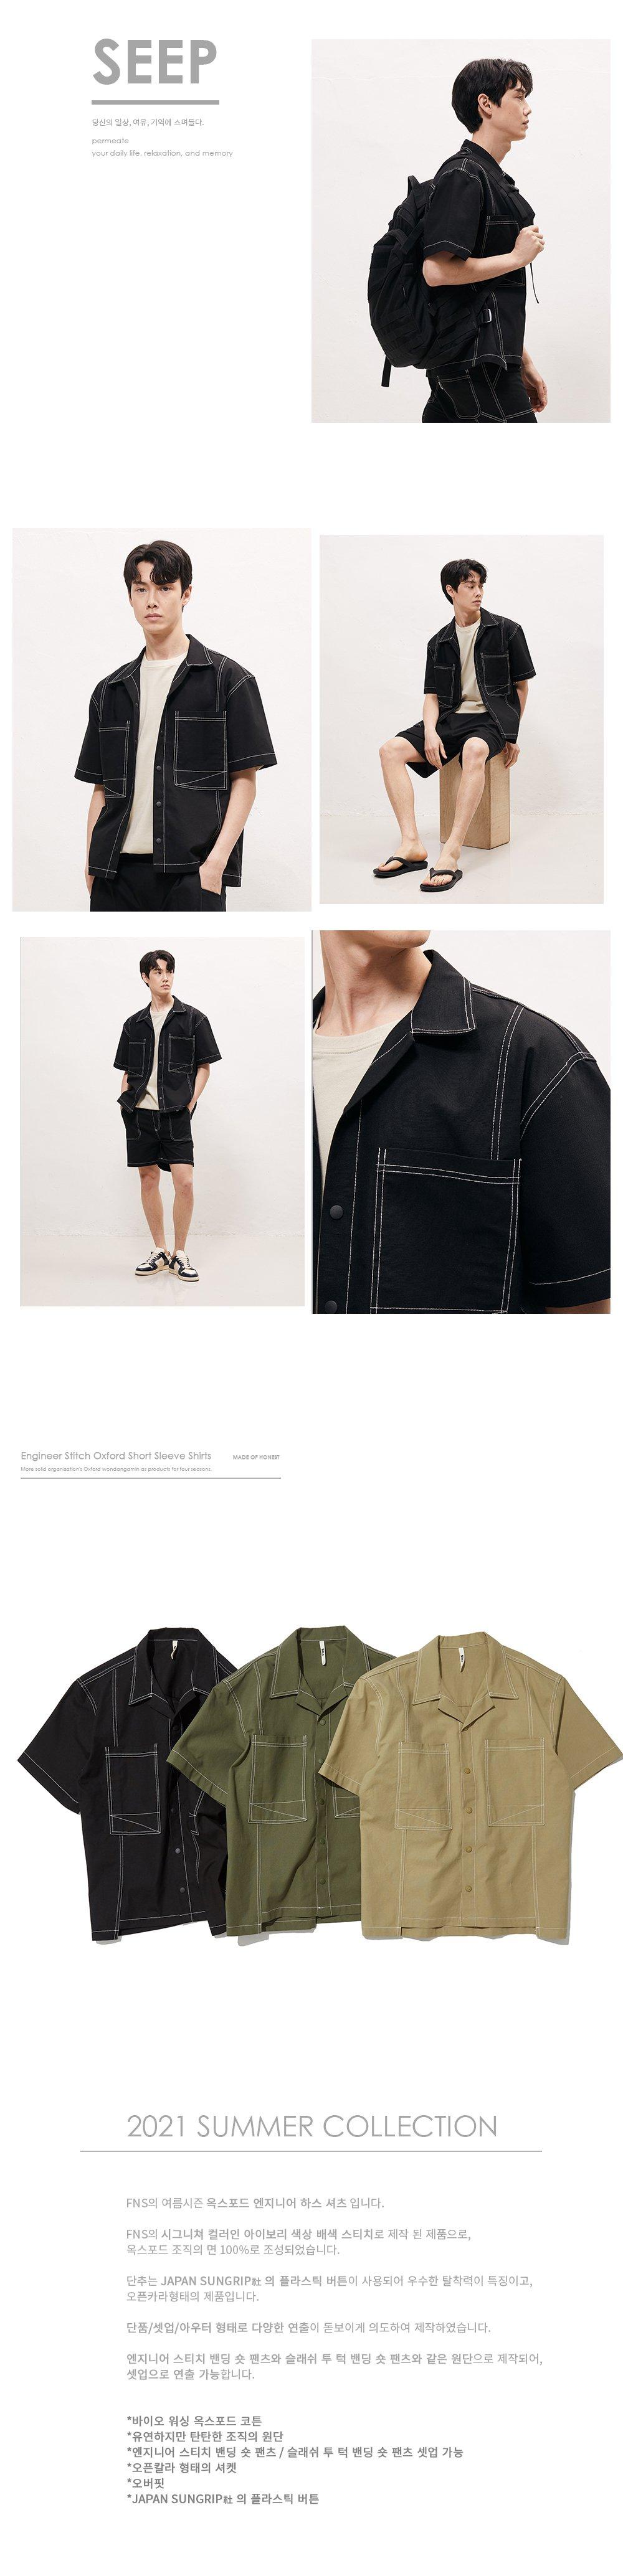 파나컬트(FANA CULT) 엔지니어 스티치 옥스포드 숏 슬리브 셔츠 - 블랙